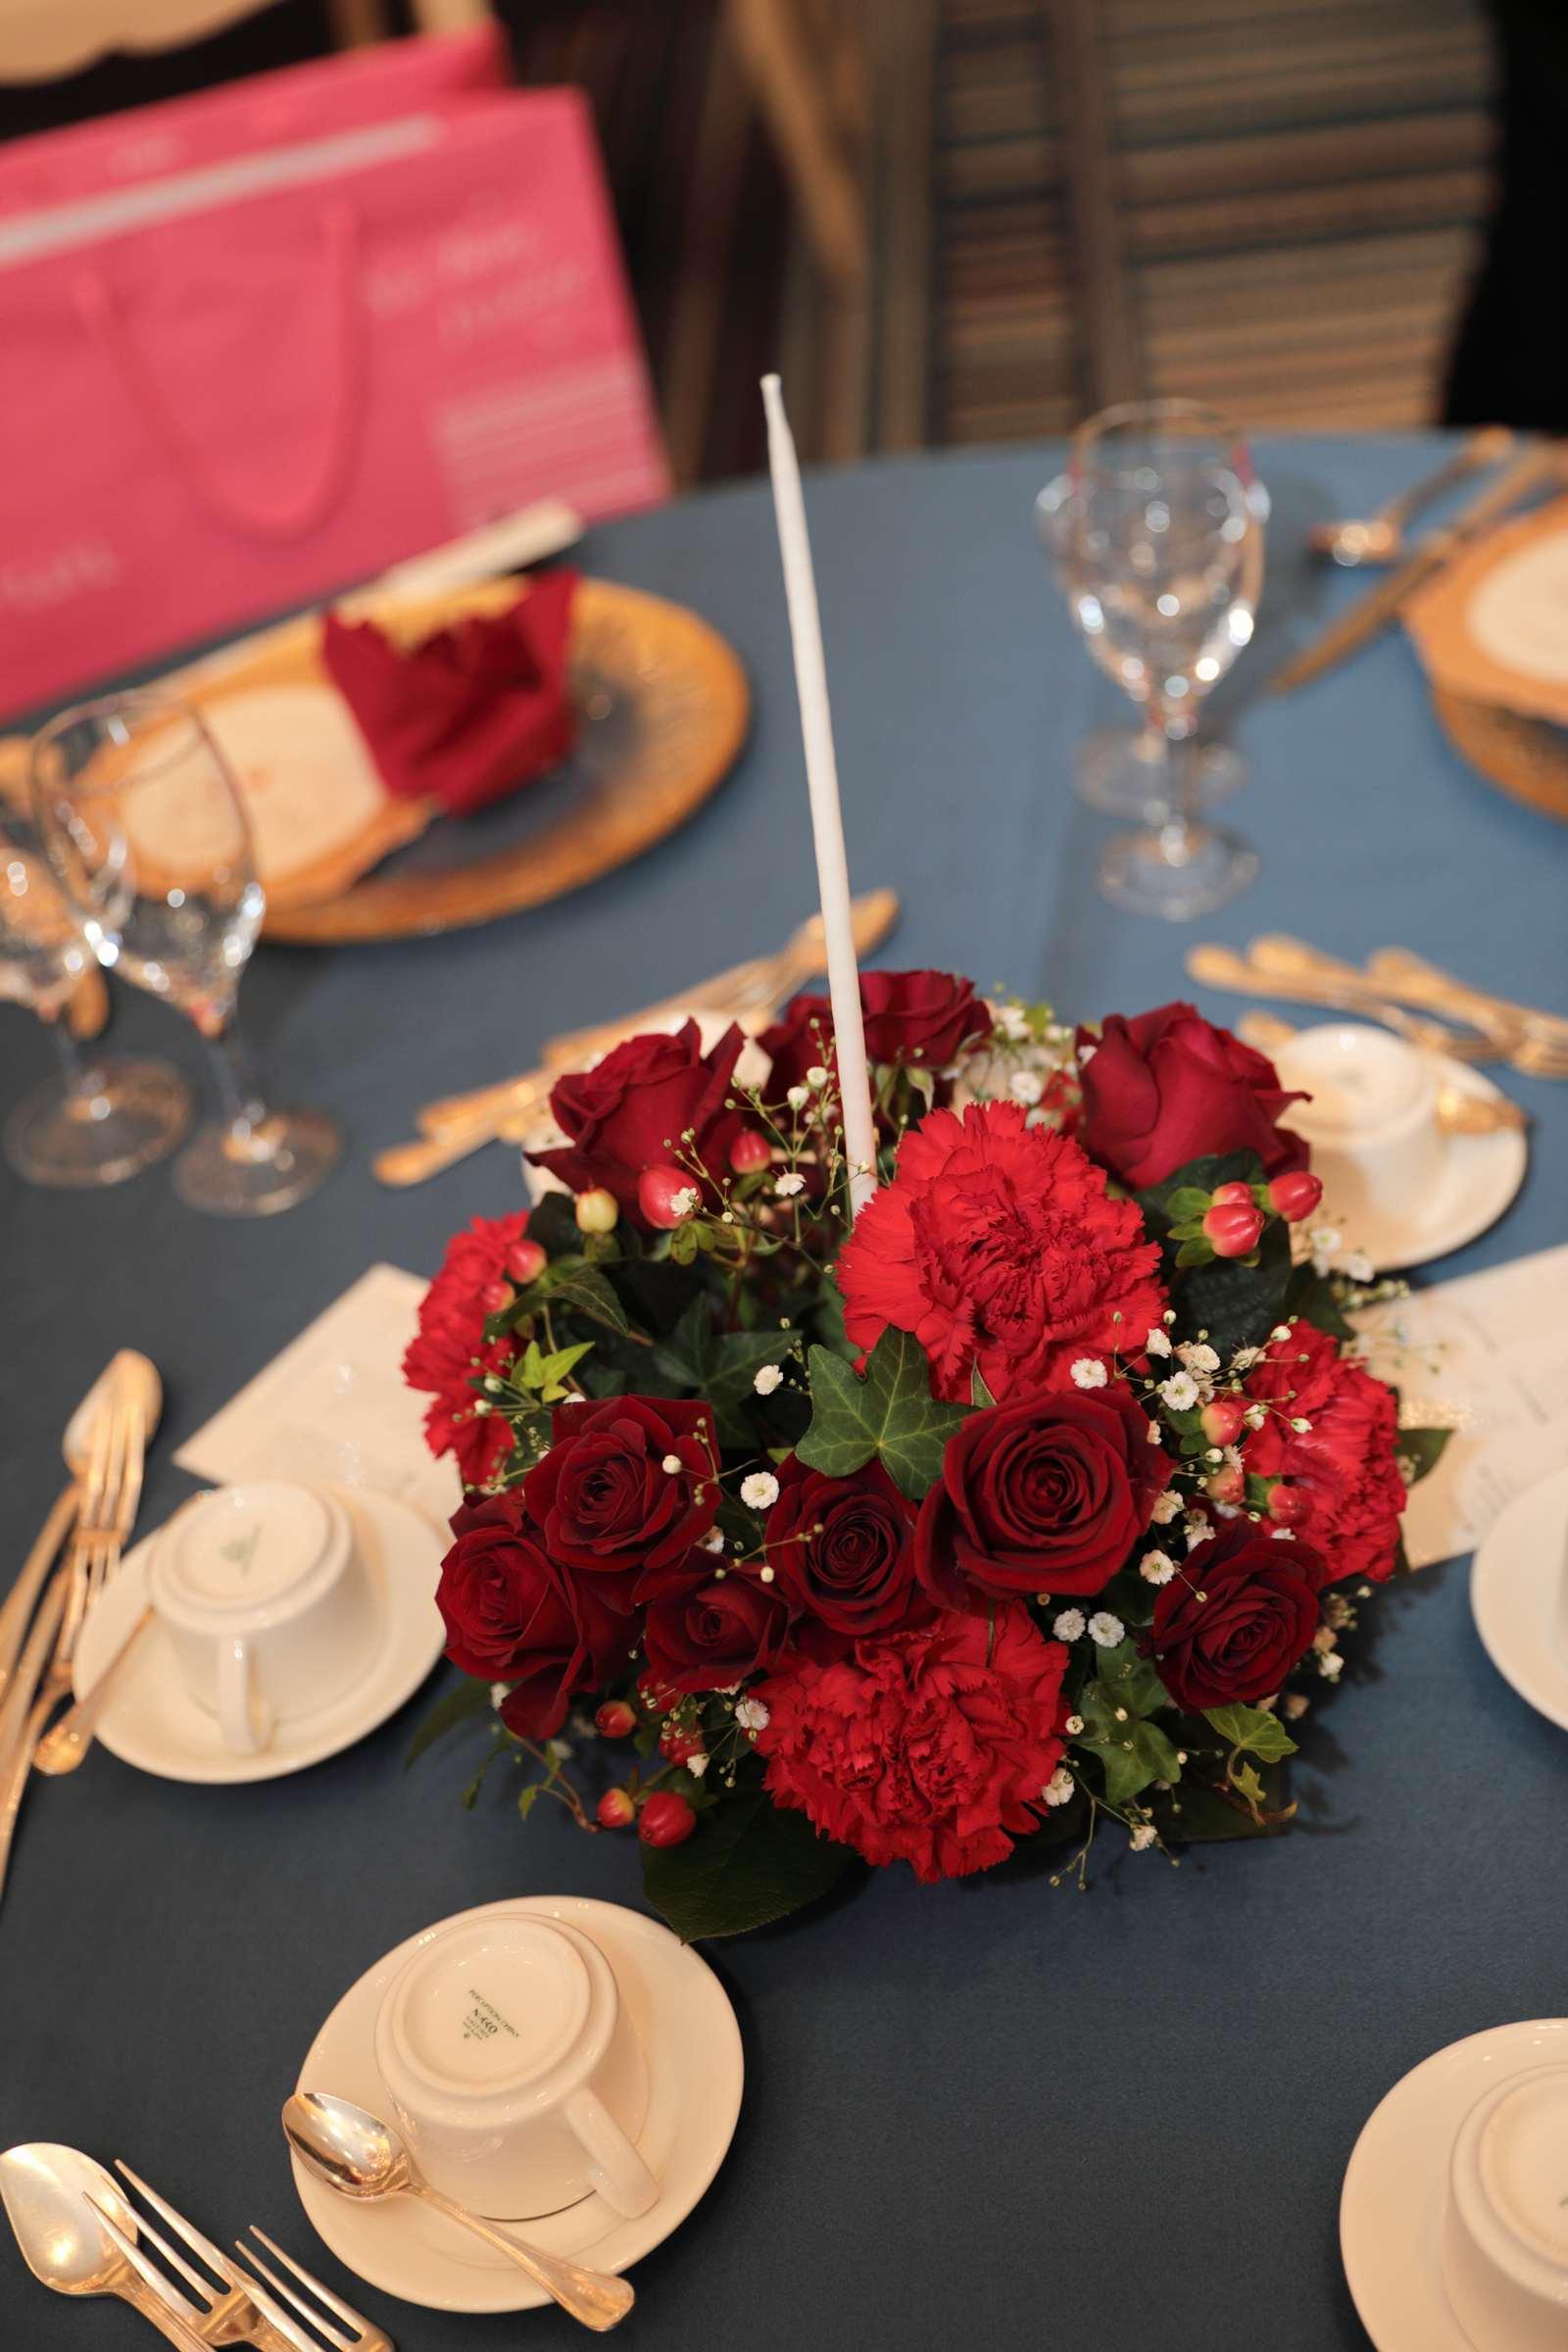 香川の結婚式場シェルエメール&アイスタイル 卓上装花